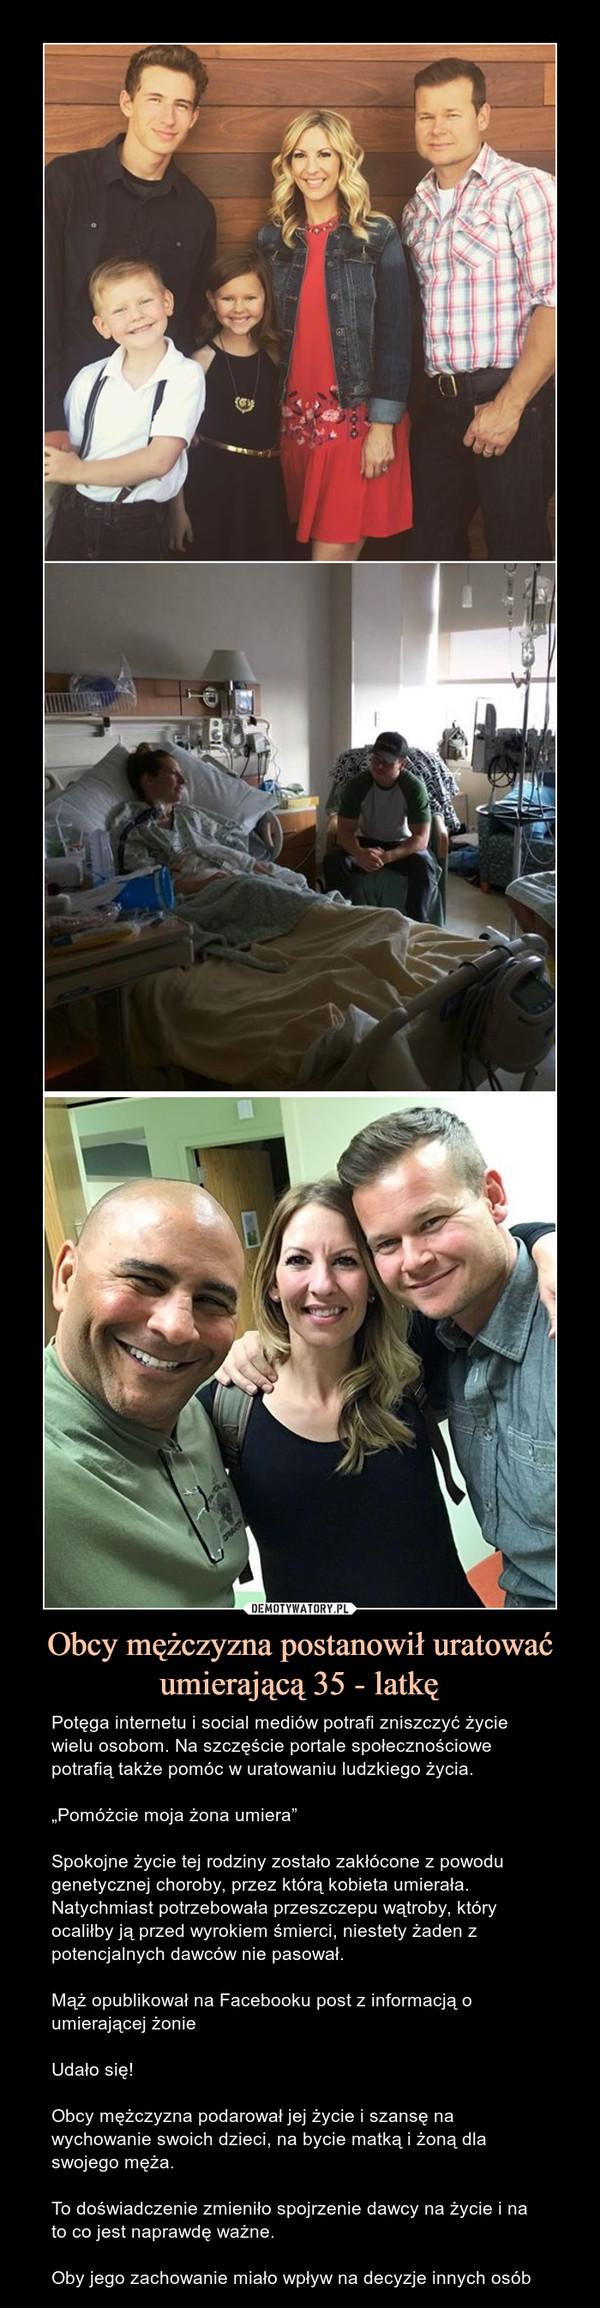 """Obcy mężczyzna postanowił uratować umierającą 35 - latkę – Potęga internetu i social mediów potrafi zniszczyć życie wielu osobom. Na szczęście portale społecznościowe potrafią także pomóc w uratowaniu ludzkiego życia.""""Pomóżcie moja żona umiera""""Spokojne życie tej rodziny zostało zakłócone z powodu genetycznej choroby, przez którą kobieta umierała. Natychmiast potrzebowała przeszczepu wątroby, który ocaliłby ją przed wyrokiem śmierci, niestety żaden z potencjalnych dawców nie pasował.Mąż opublikował na Facebooku post z informacją o umierającej żonieUdało się!Obcy mężczyzna podarował jej życie i szansę na wychowanie swoich dzieci, na bycie matką i żoną dla swojego męża. To doświadczenie zmieniło spojrzenie dawcy na życie i na to co jest naprawdę ważne.Oby jego zachowanie miało wpływ na decyzje innych osób"""